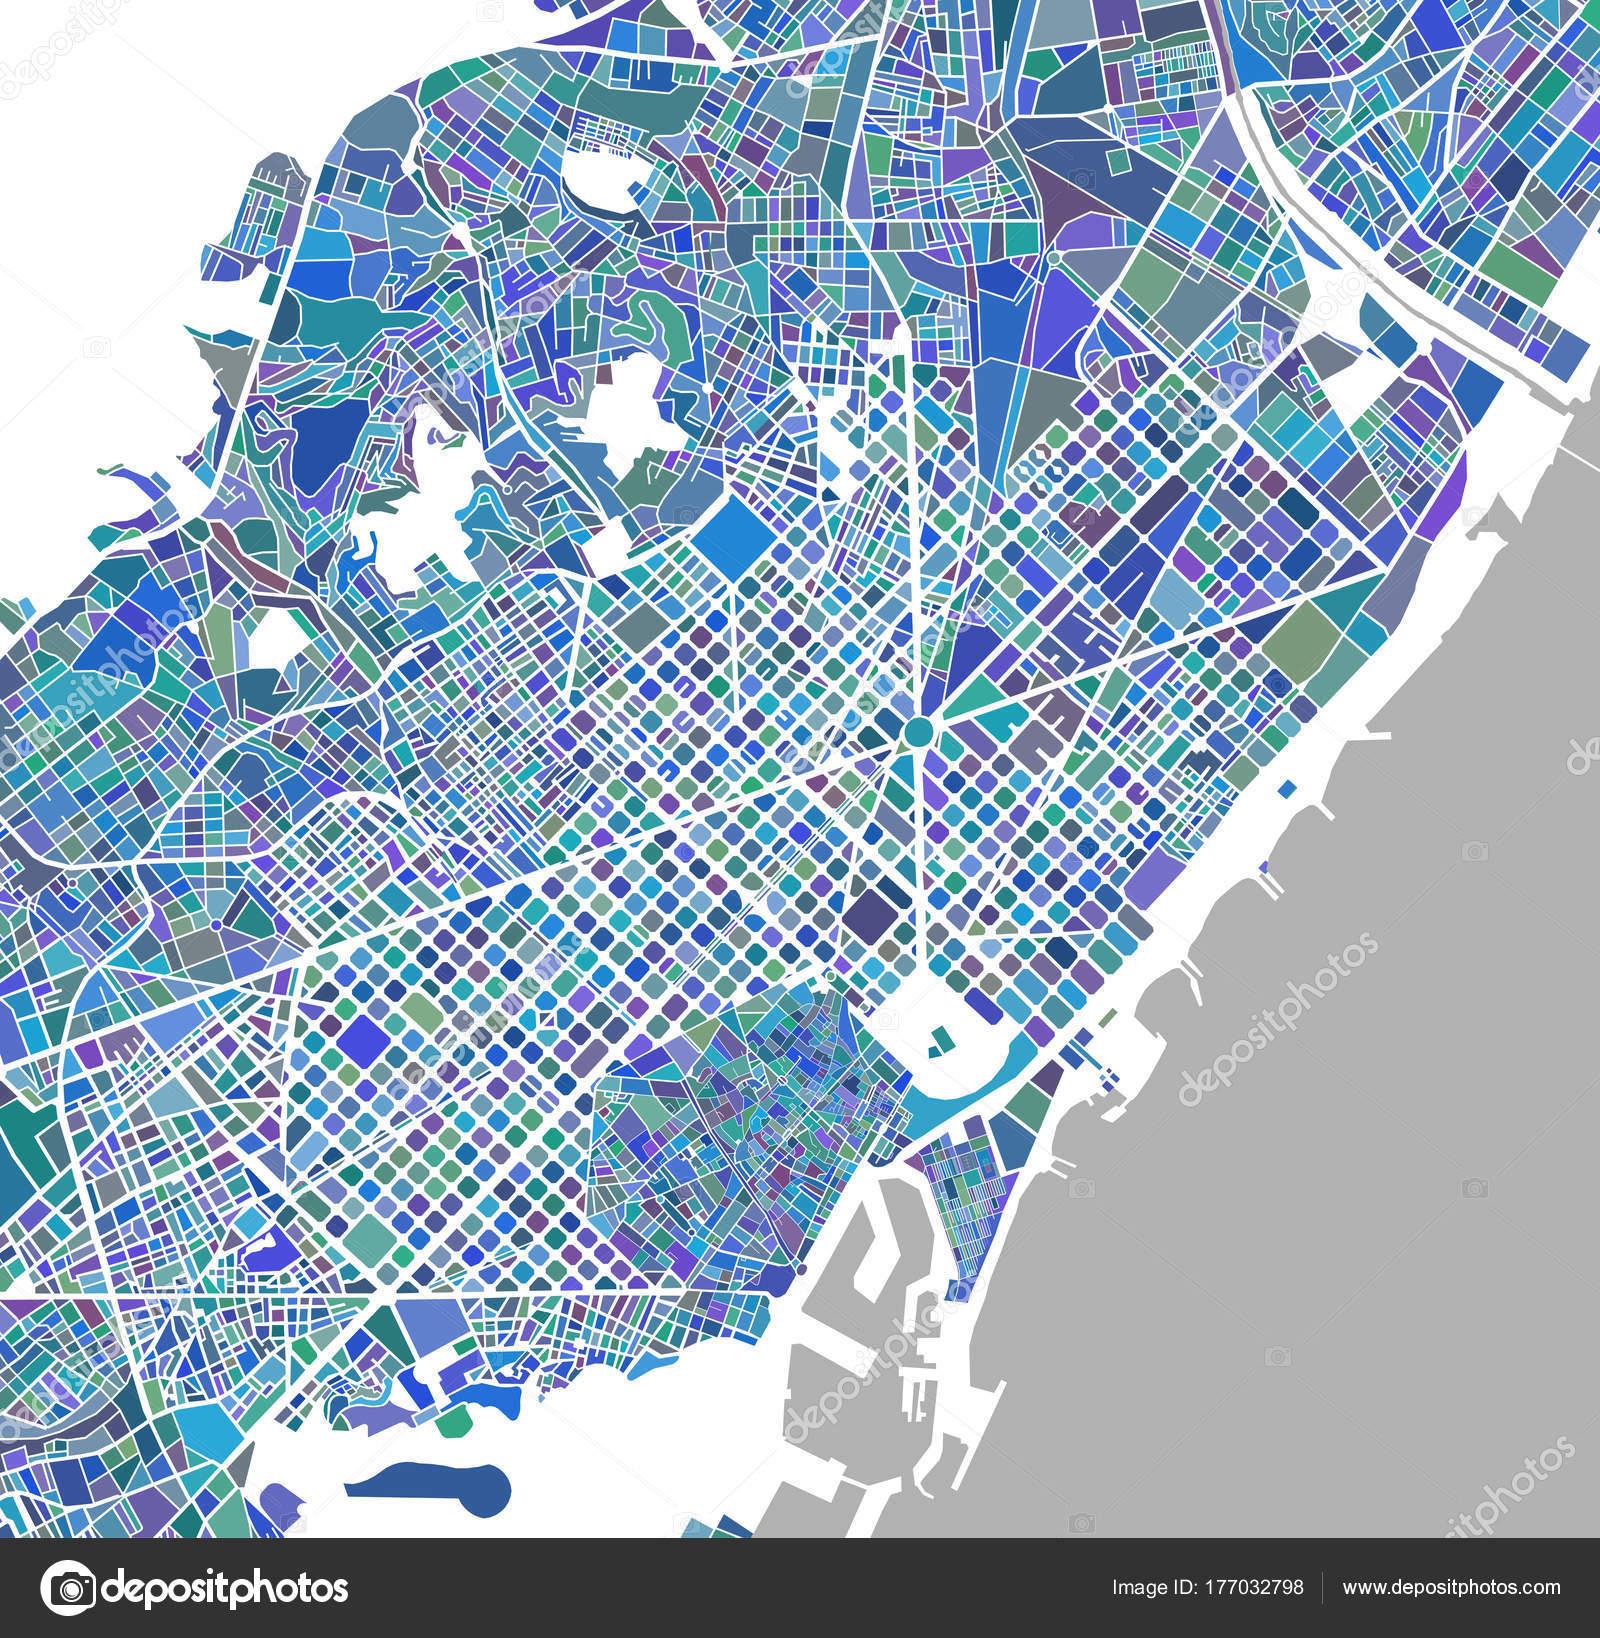 mapa da cidade de barcelona Mapa da cidade de Barcelona, Espanha — Stock Photo © tish11 #177032798 mapa da cidade de barcelona